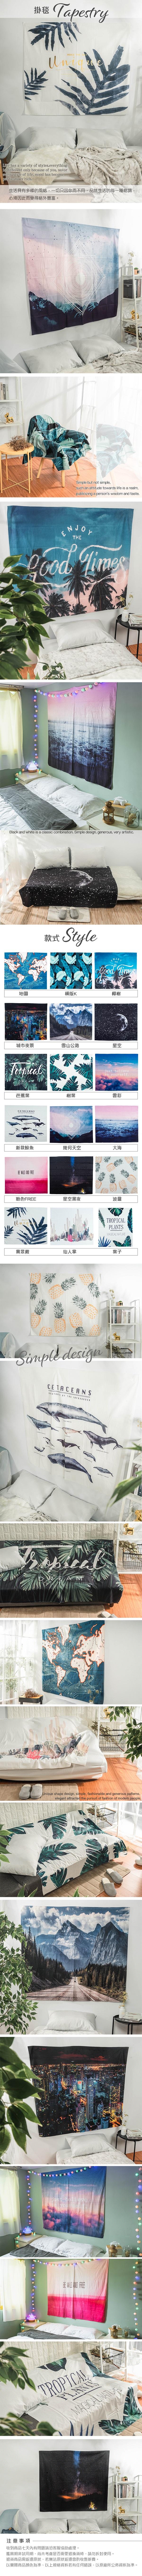 裝飾掛毯、掛布、INS背景布、壁毯、桌巾、桌布、餐巾、沙發巾